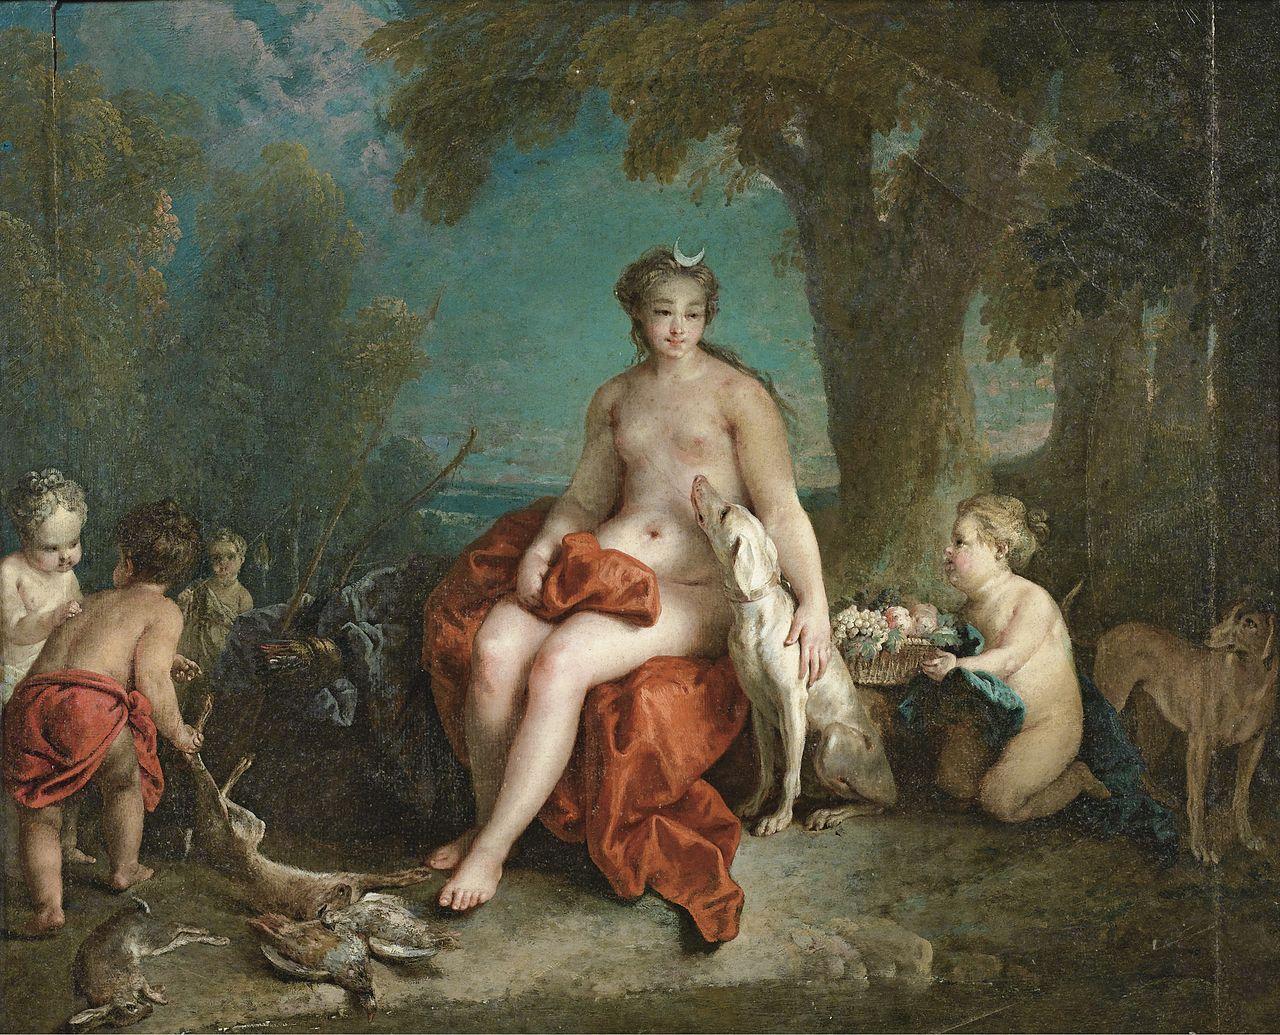 Artemisa descansando tras una jornada de caza, en la frente de la diosa se ha colocado una luna, una manera común de identificará en contraposición con su gemelo Apolo, el dios del sol.